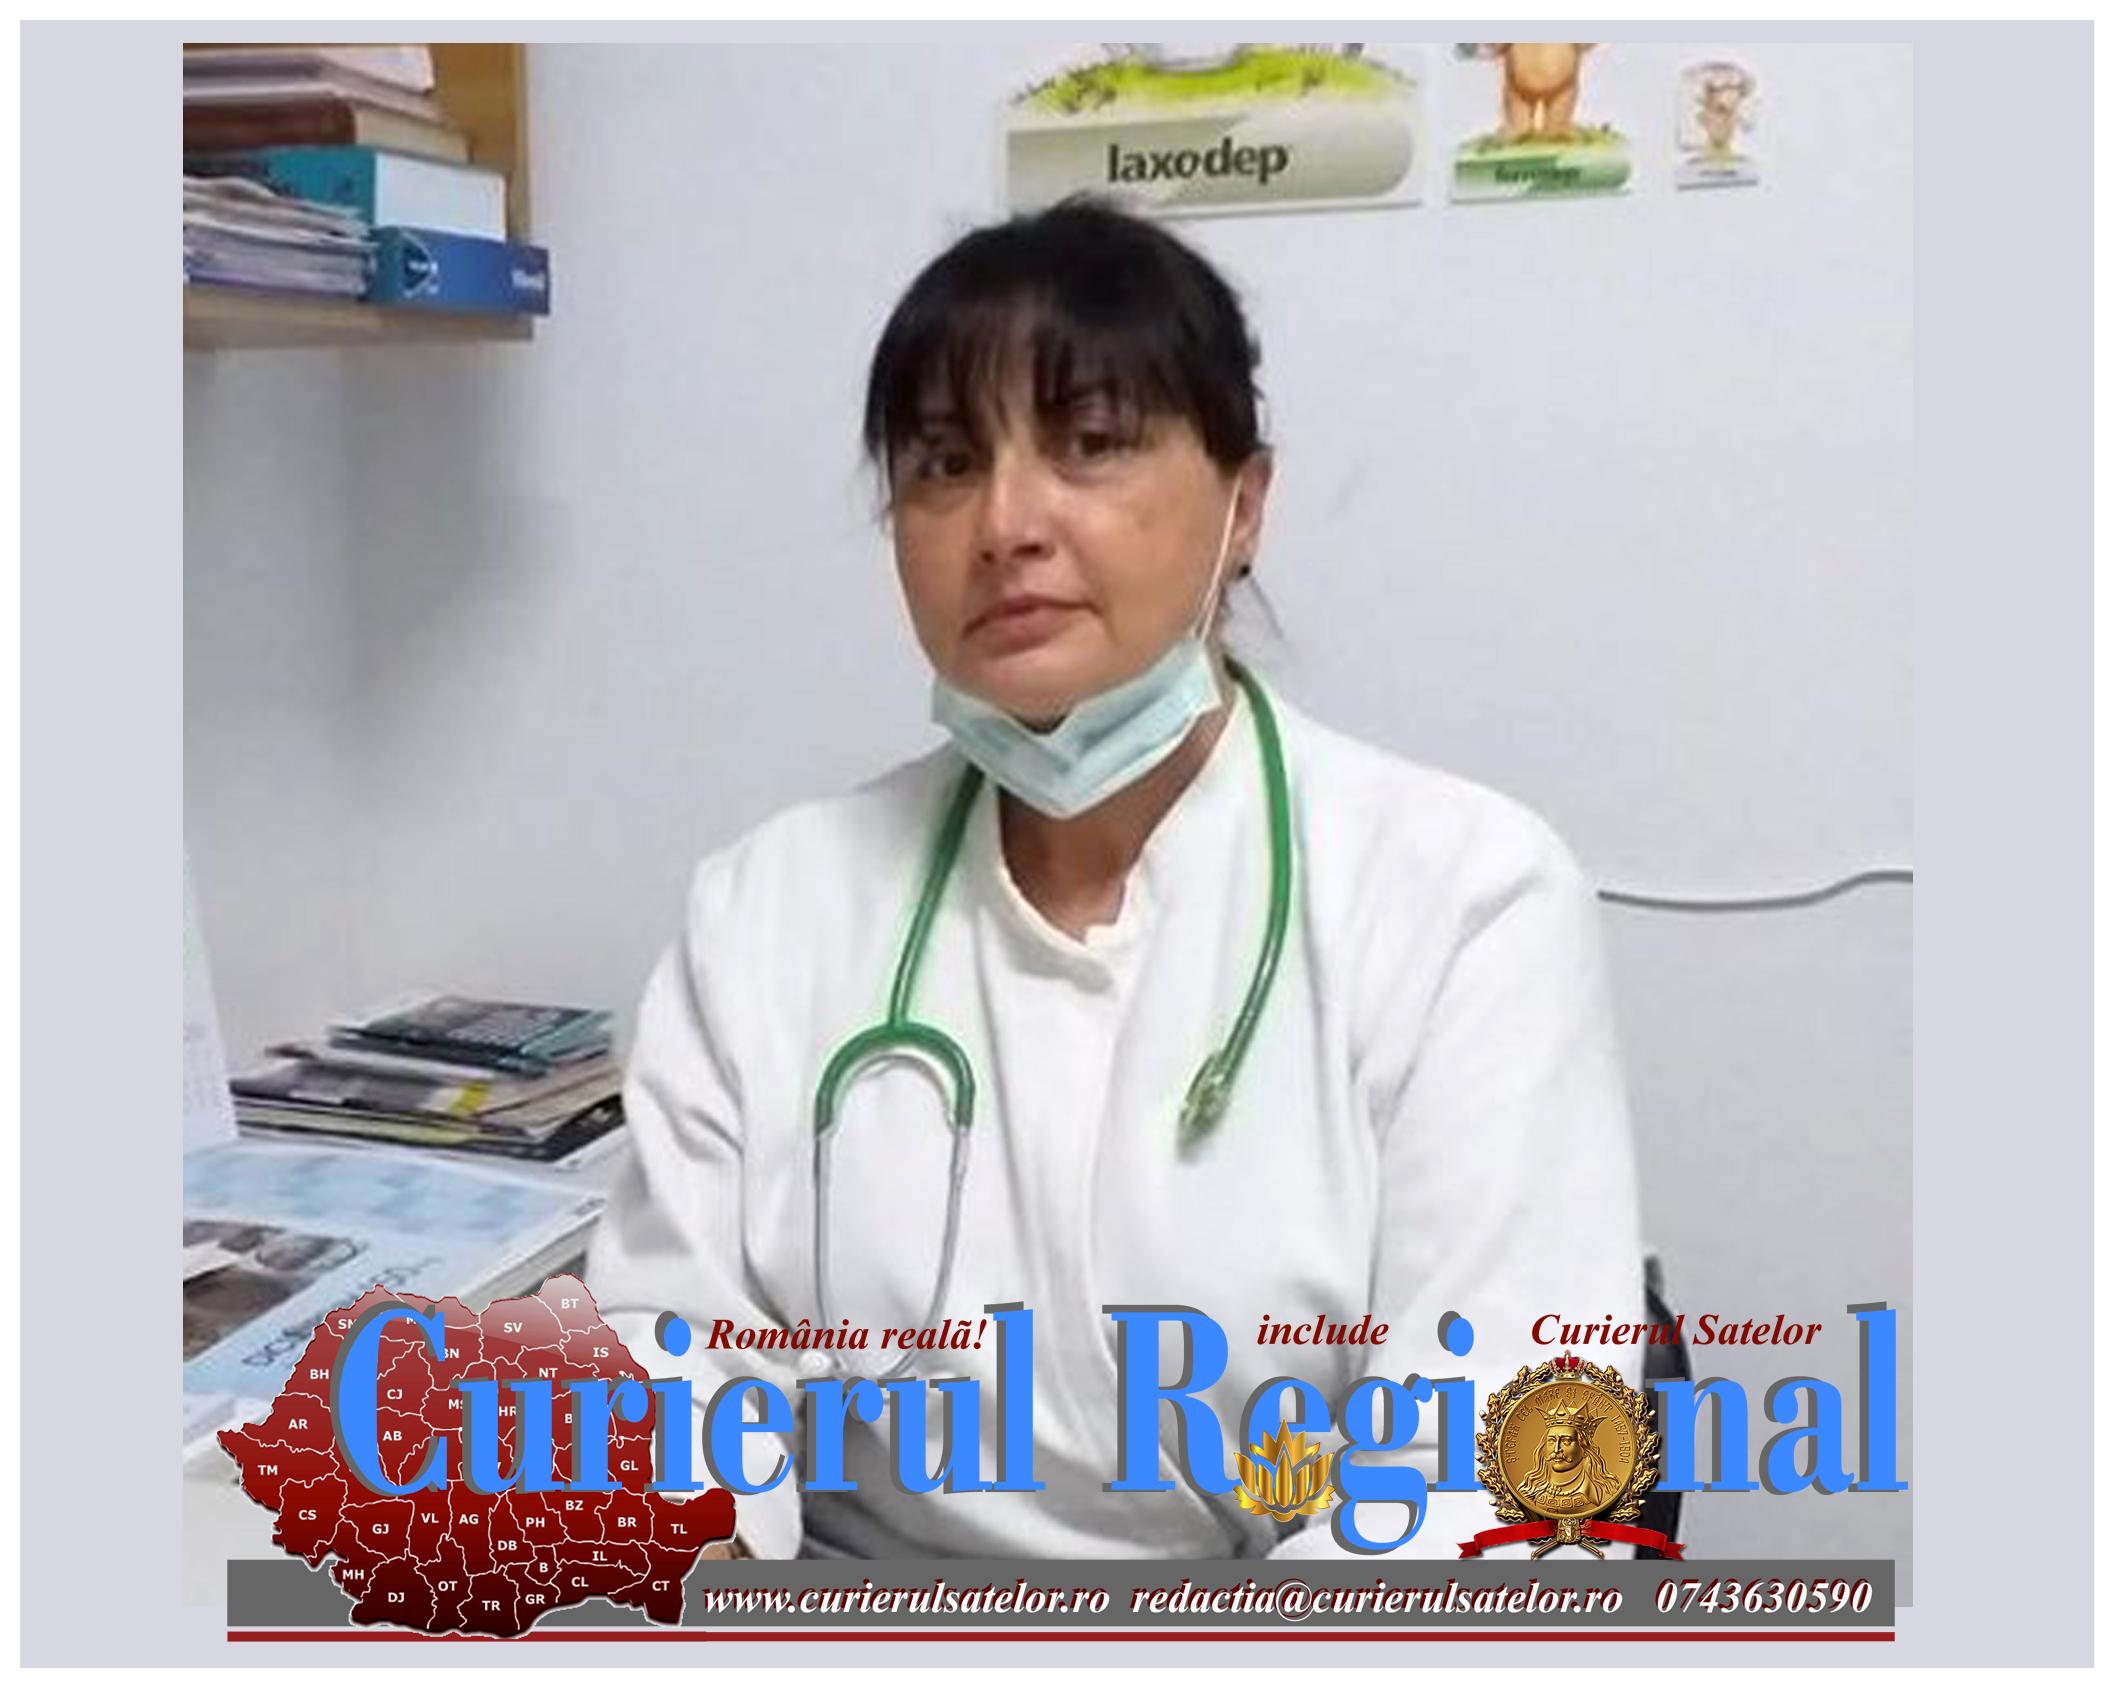 Tamara Ciofu luptă cu Covid 19 și riscă oferindu-și ajutorul pentru cei ce nu au medic de familie 21